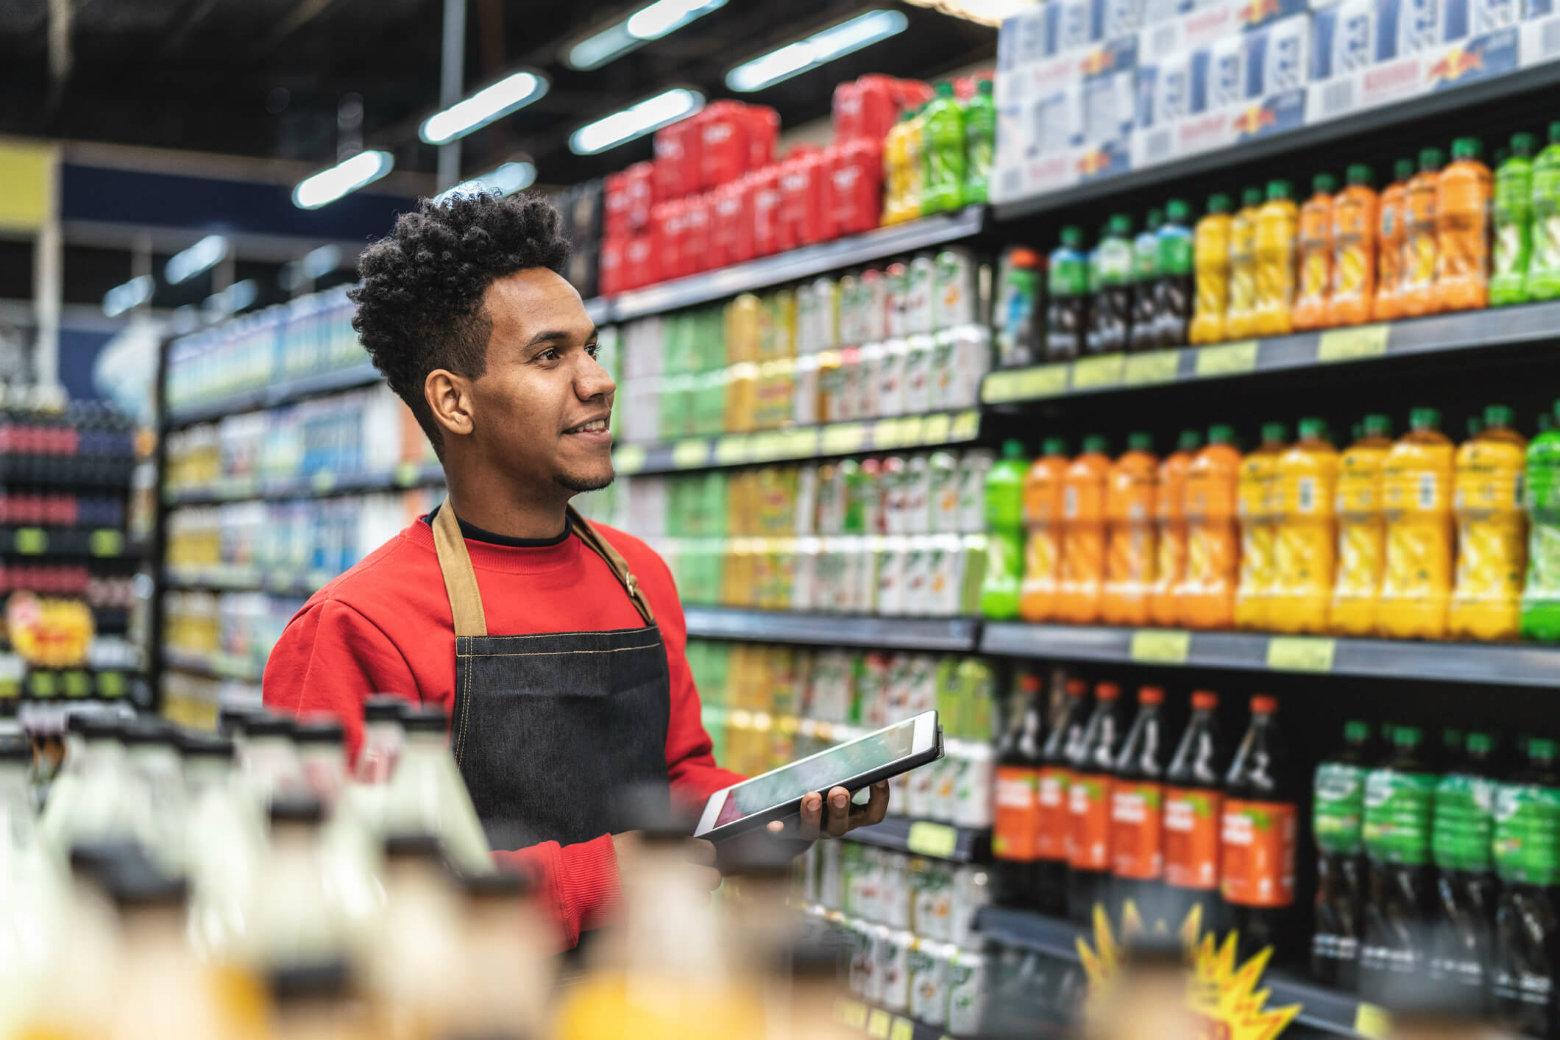 Como reduzir o turnover de colaboradores no supermercado?